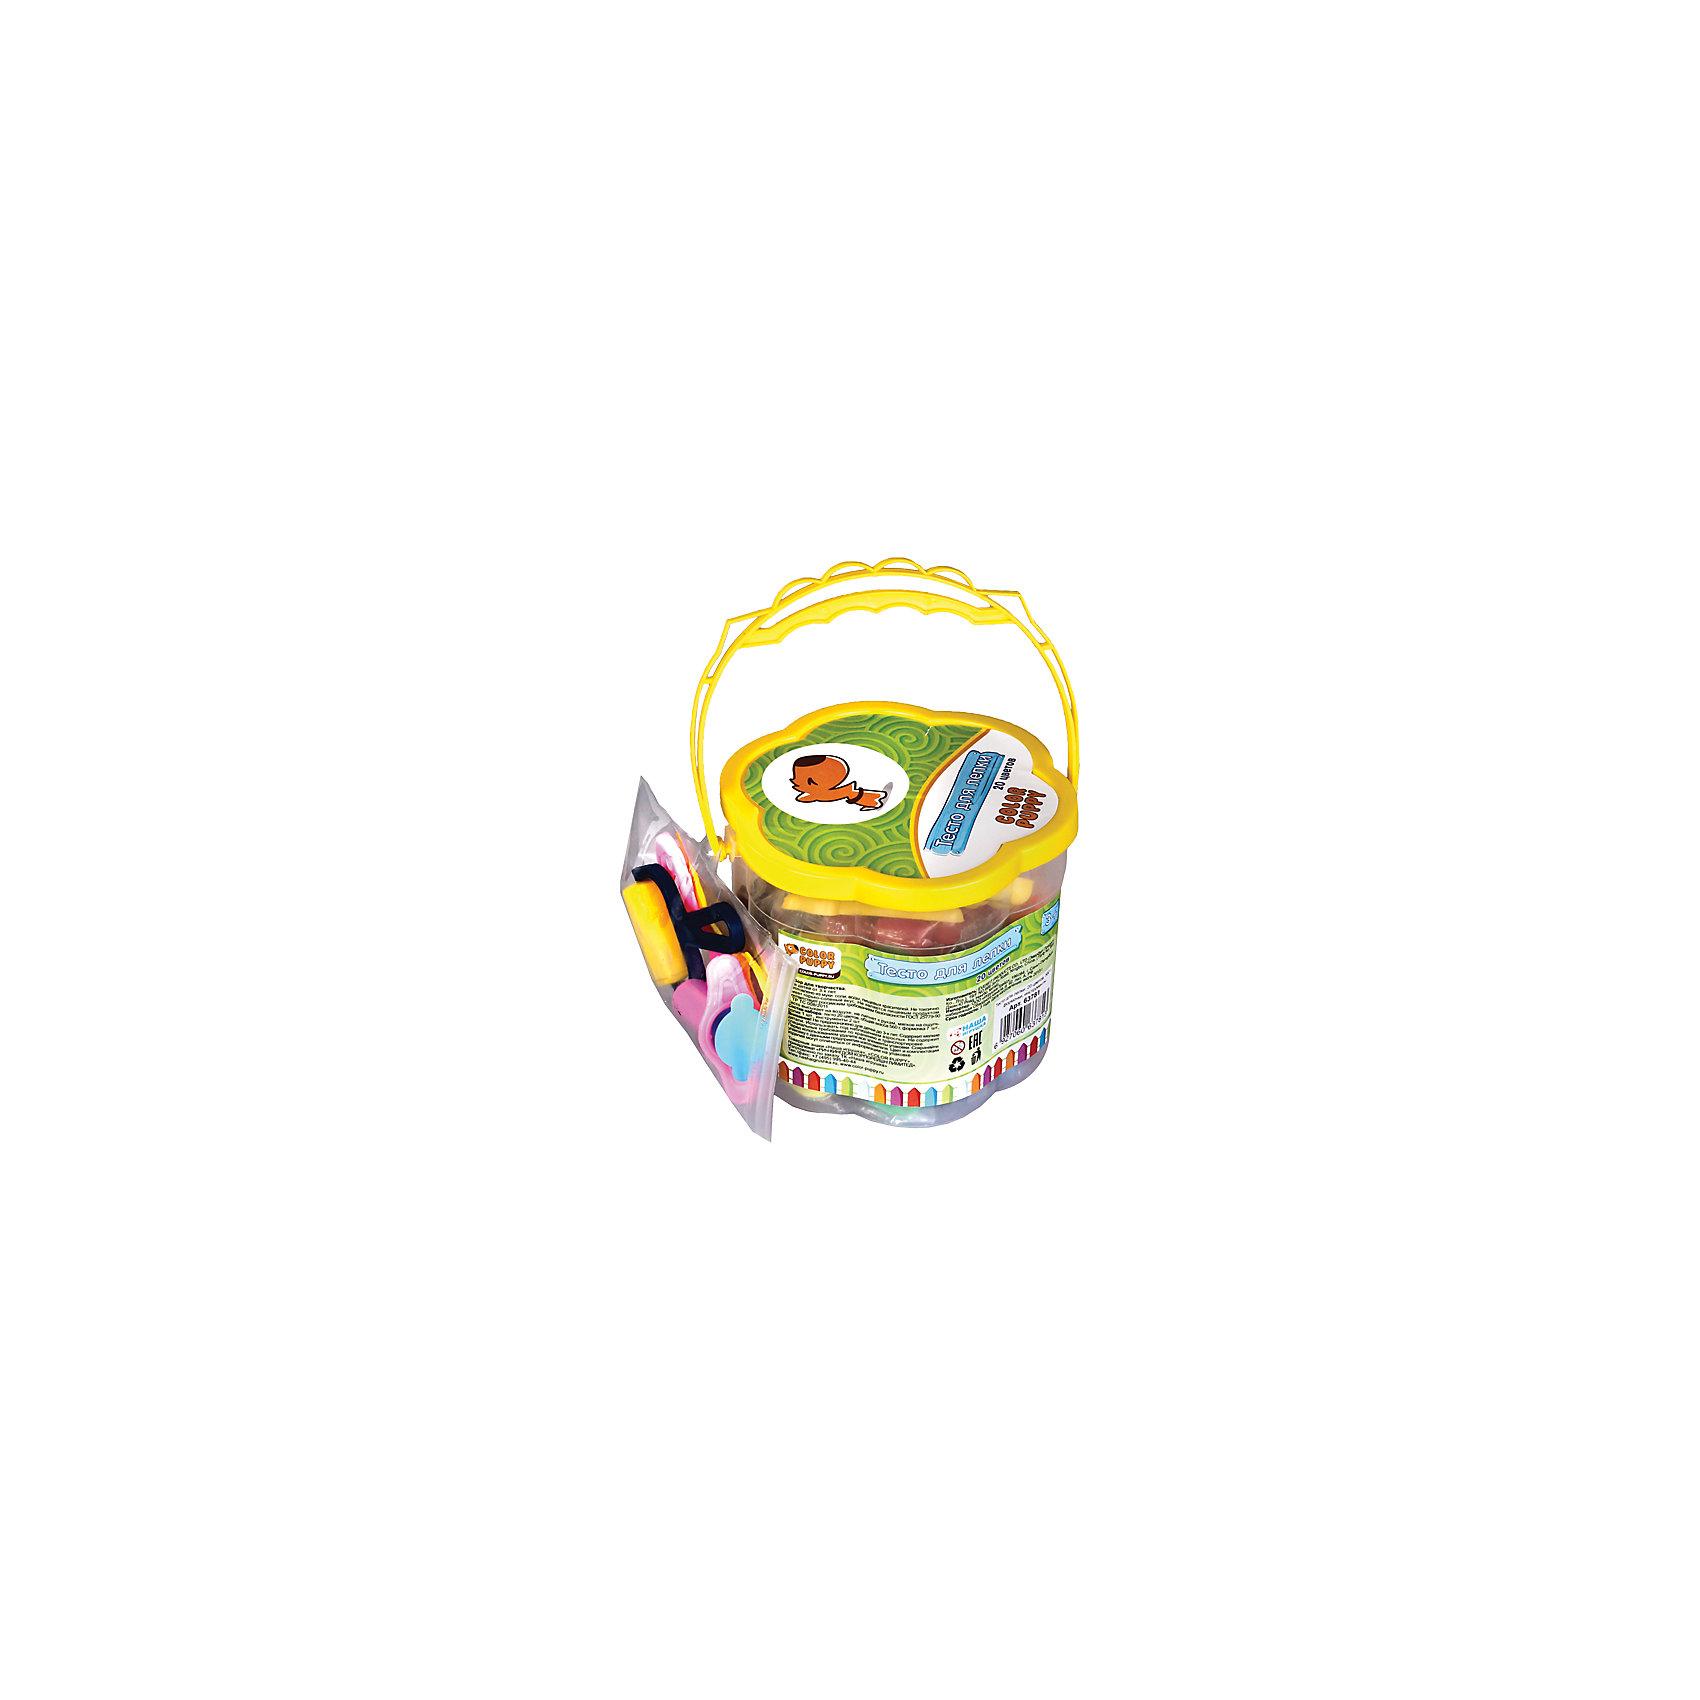 Тесто для лепки: 20 цветов, 560г, формочки, инструментыТесто для лепки<br>Тесто для лепки имеет в составе пищевые ингредиенты: муку, соль, воду, пищевые красители. Безопасное для детей. Не прилипает к рукам, одежде, поверхностям. Очень мягкое и пластичное. Без ароматизаторов. Подходит для начинающих маленьких скульпторов. Занятие лепкой способствует воспитанию усидчивости, развивает пространственное мышление, фантазию и мелкую моторику рук. Известно, что дети с недостаточно развитой моторикой испытывают трудности в обучении: быстрее устает рука, не получается правильное написание букв. Занятия лепкой помогут избежать подобных проблем.<br><br>Ширина мм: 130<br>Глубина мм: 110<br>Высота мм: 130<br>Вес г: 744<br>Возраст от месяцев: 36<br>Возраст до месяцев: 108<br>Пол: Унисекс<br>Возраст: Детский<br>SKU: 5078399